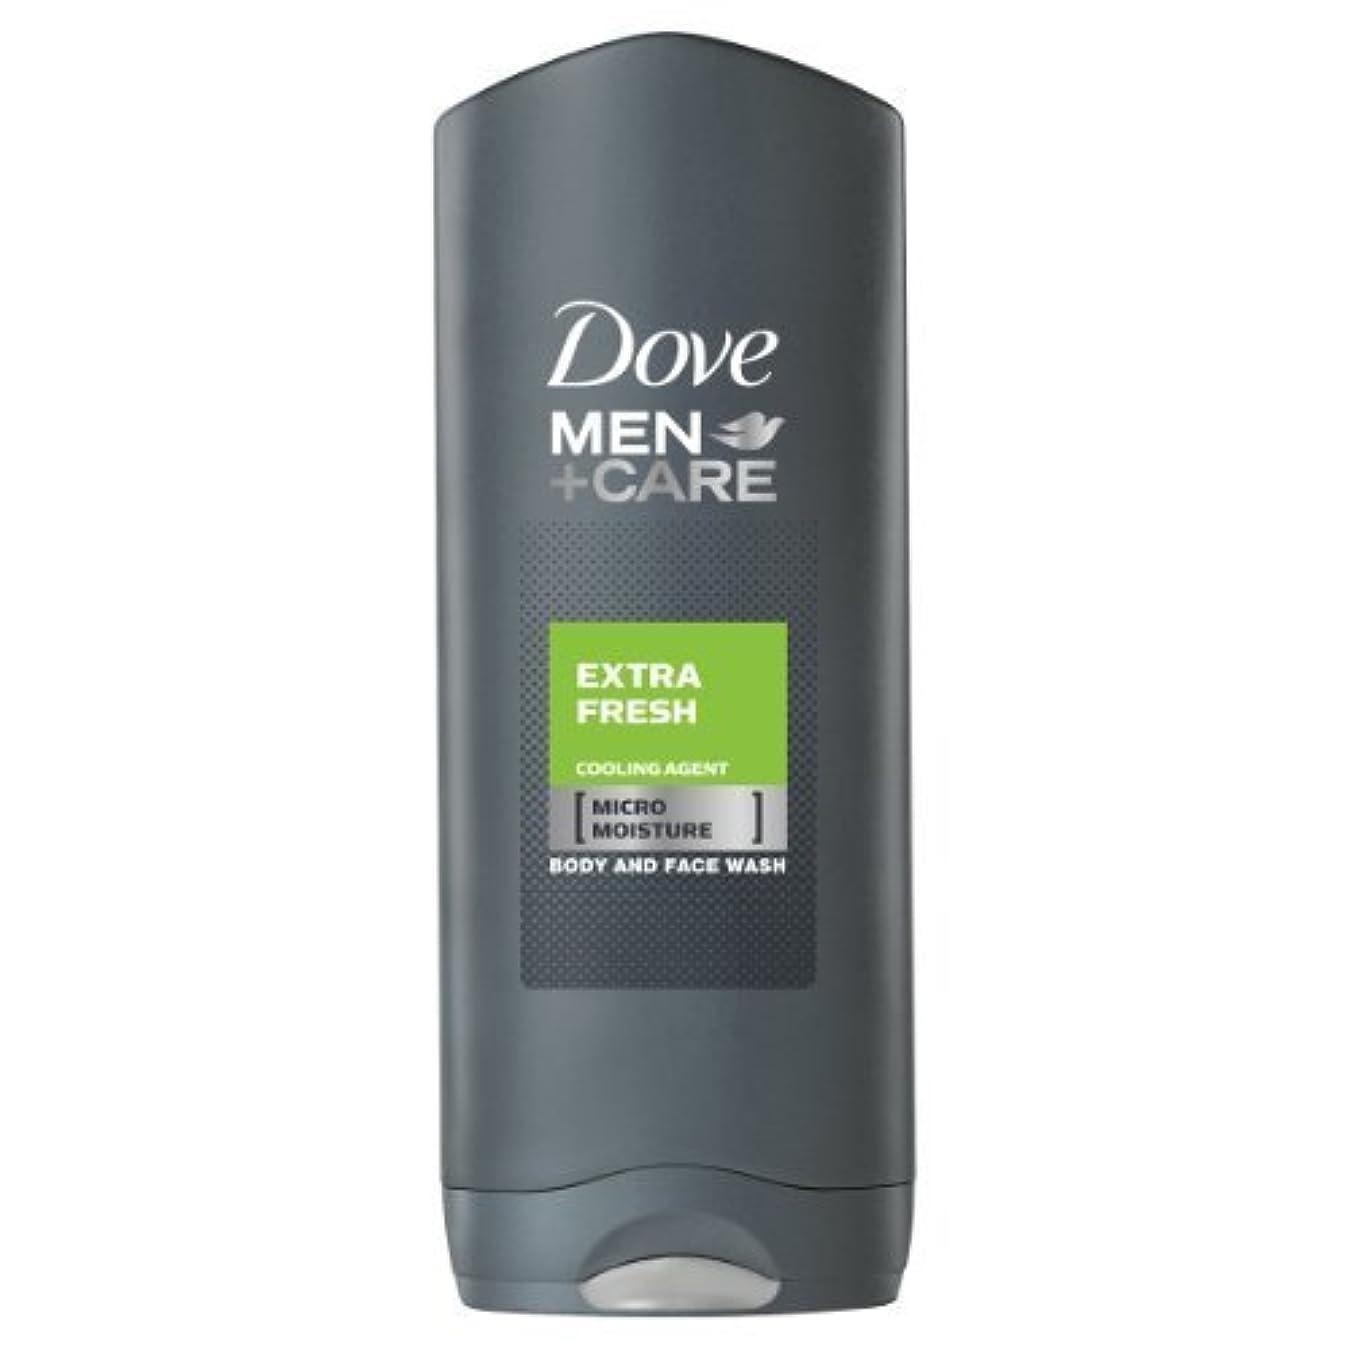 あなたのものマイクバッグDove for Men Extra Fresh Body and Face Wash 250 ml by Dove [並行輸入品]